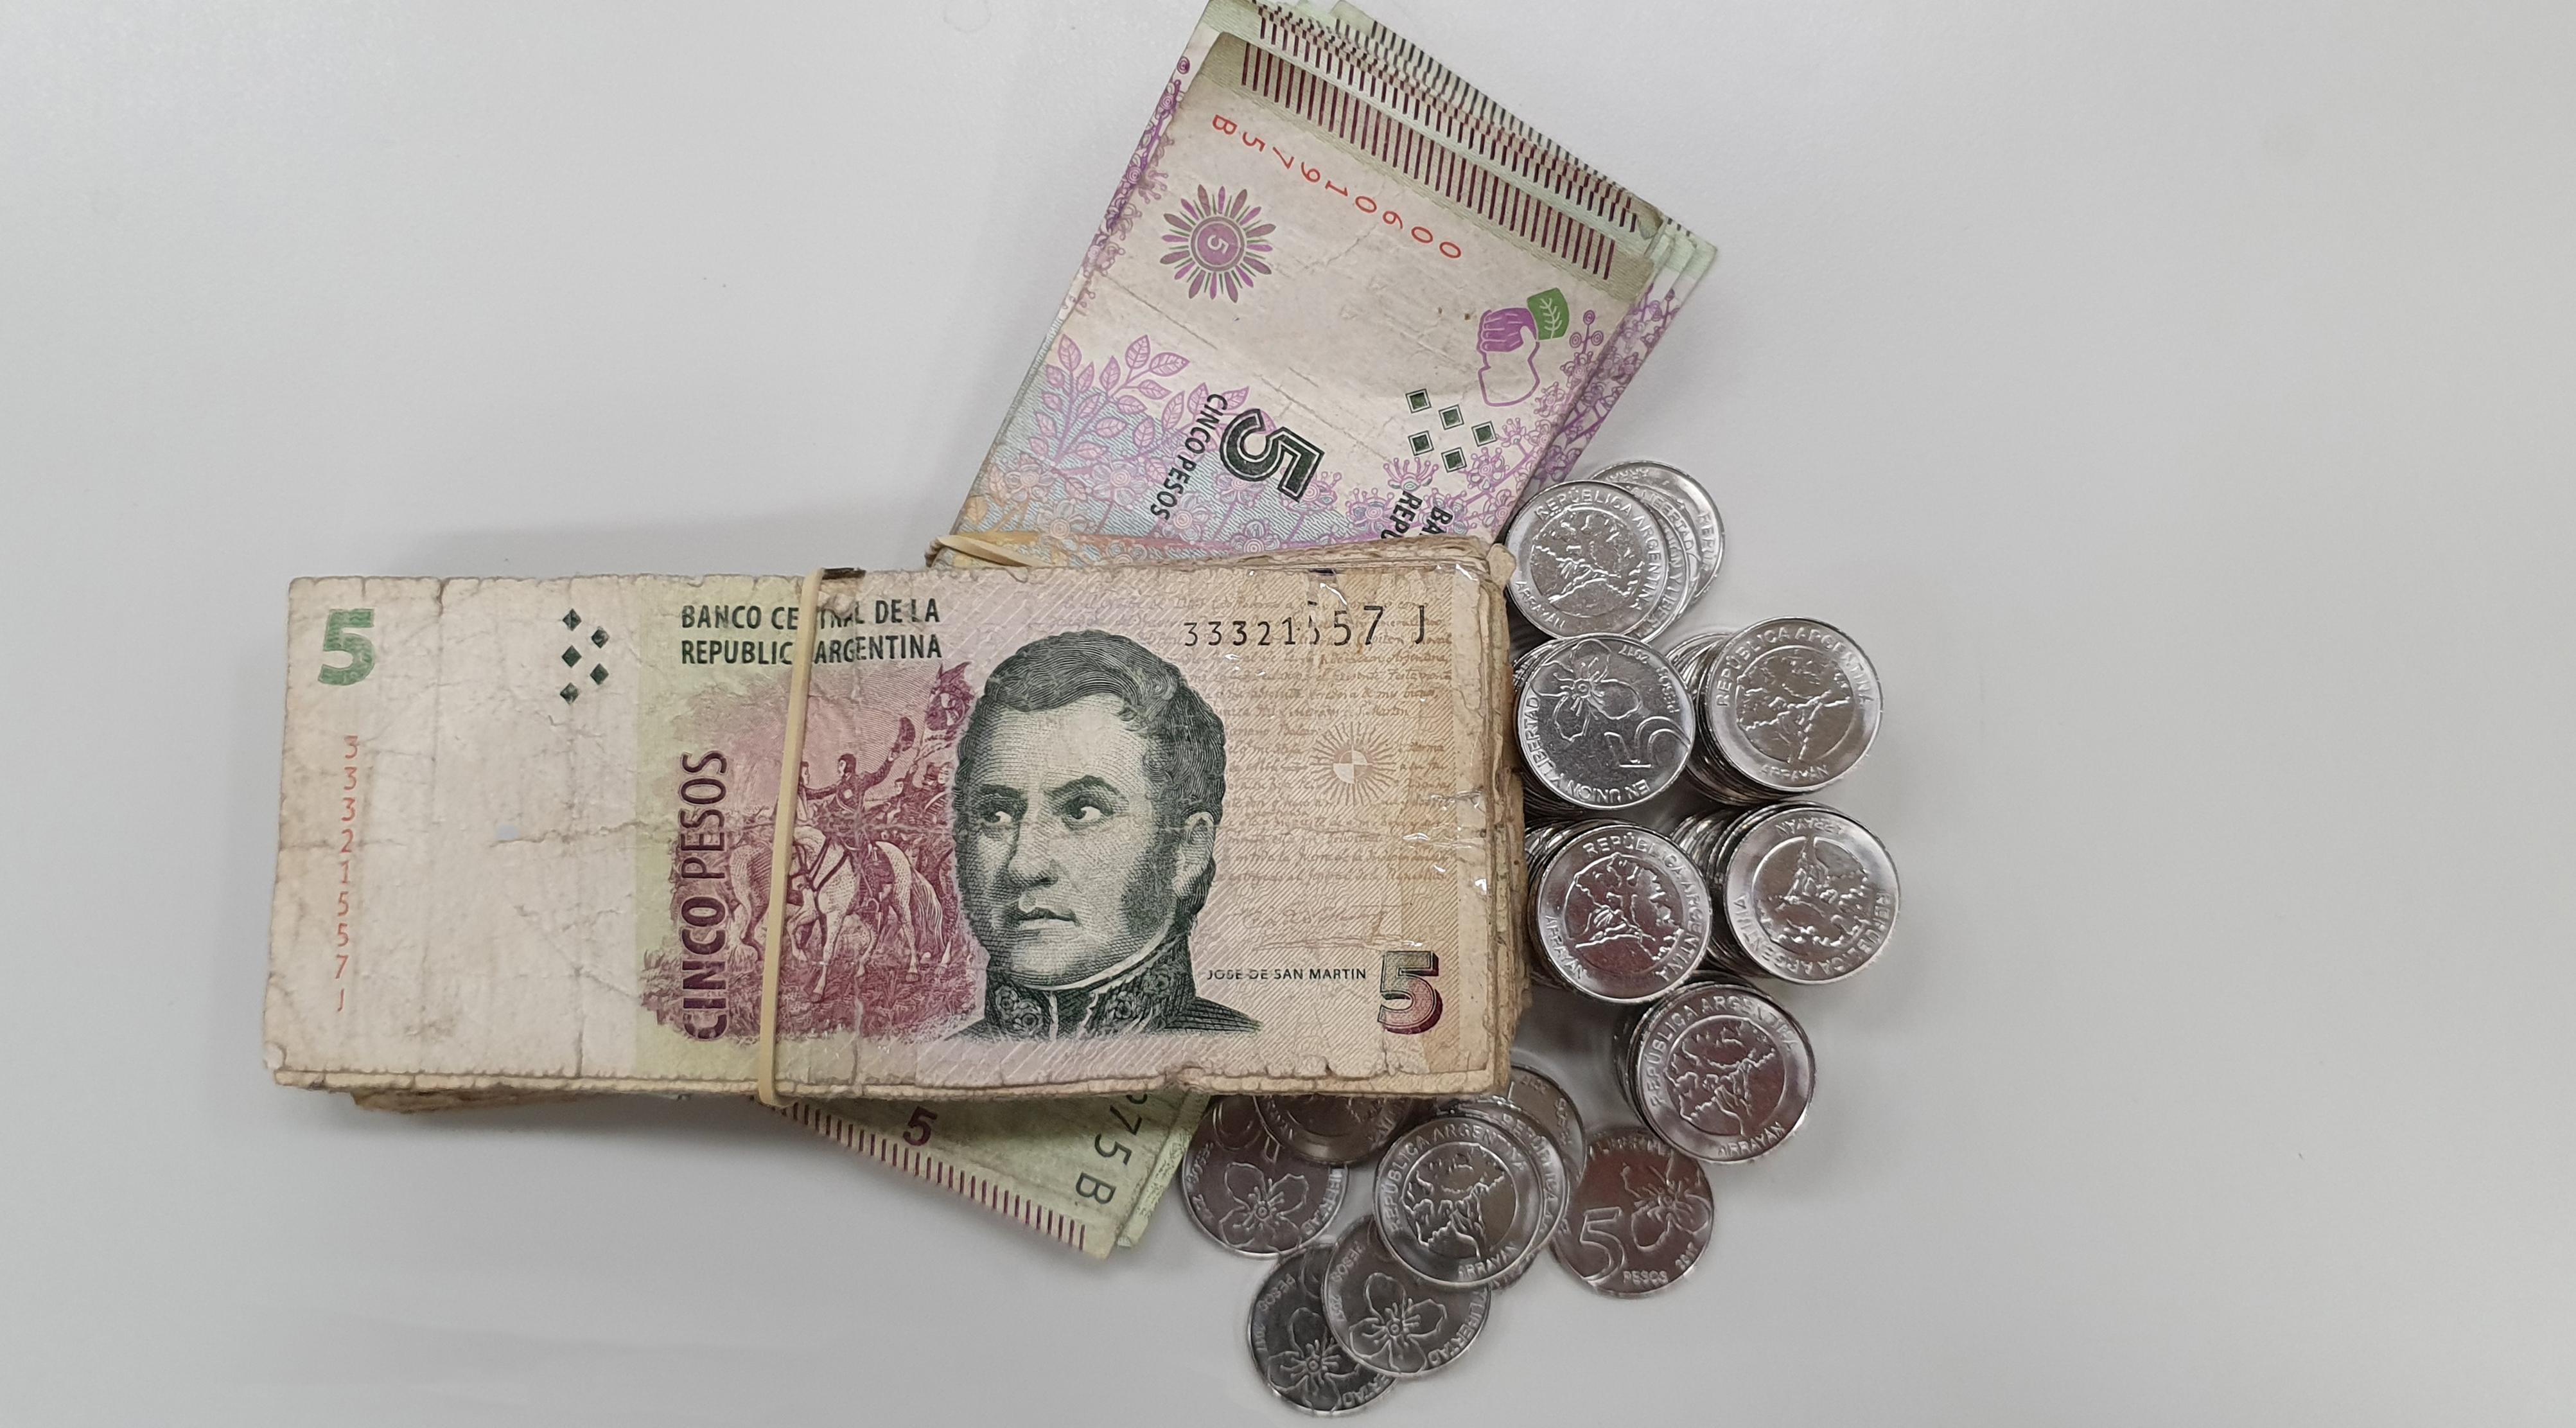 ¿Hasta cuándo se podrán usar los billetes de 5 pesos?